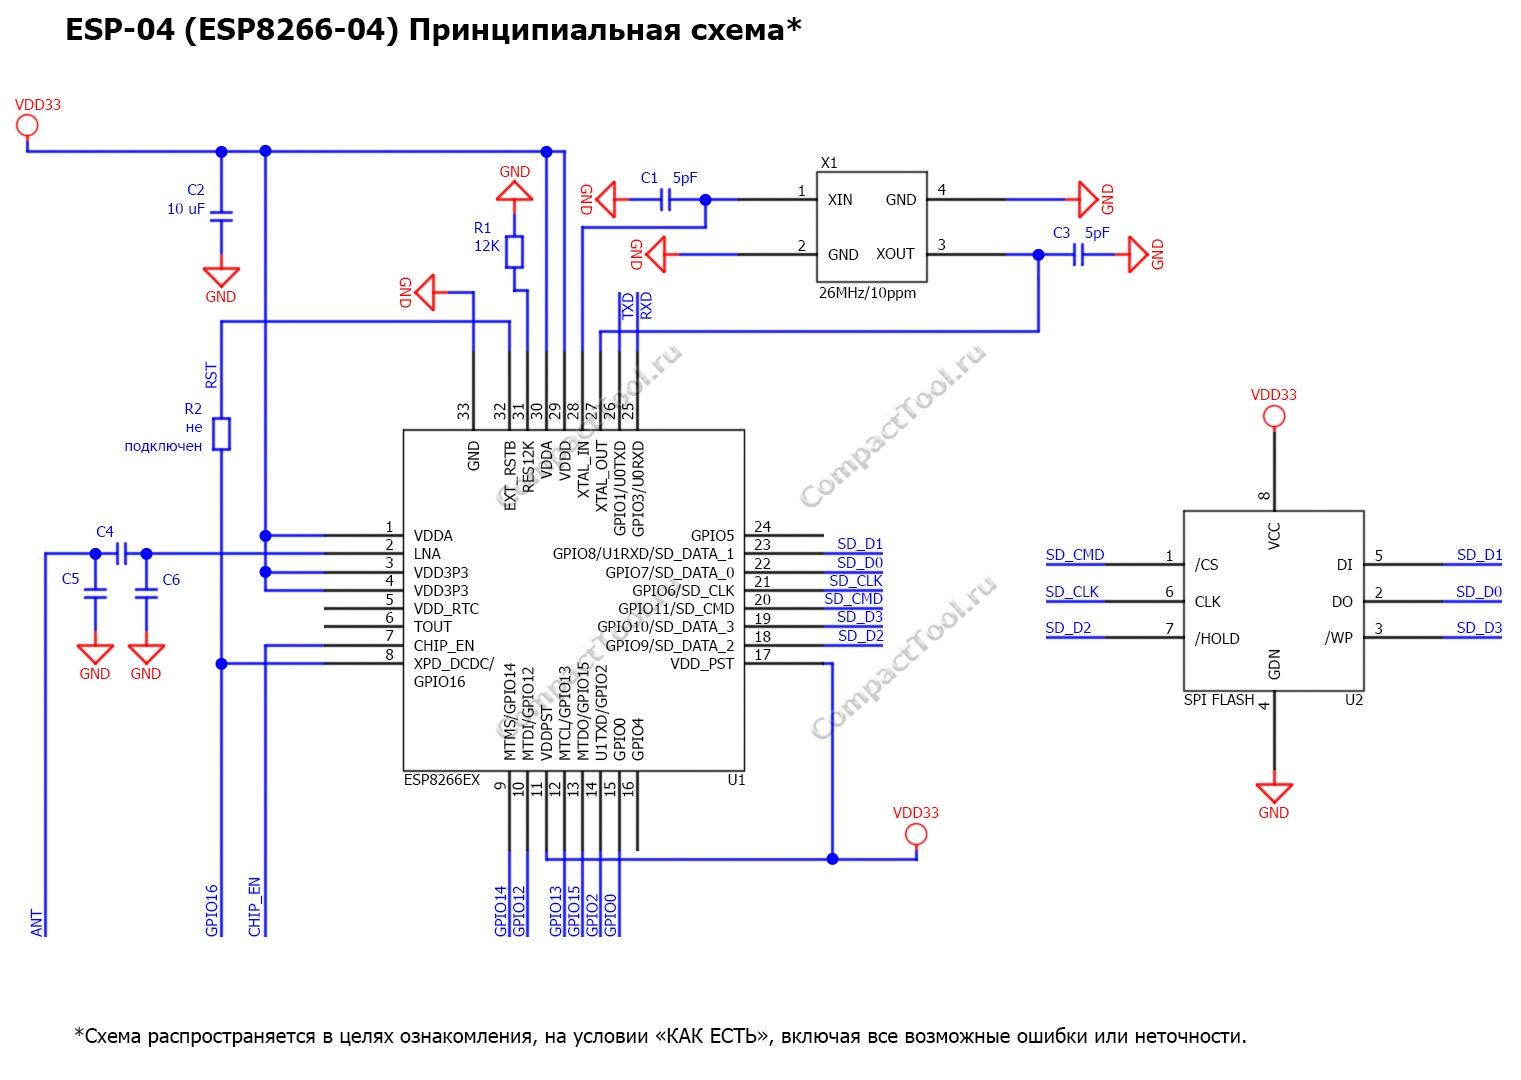 Принципиальная схема ESP-04 Principal scheme